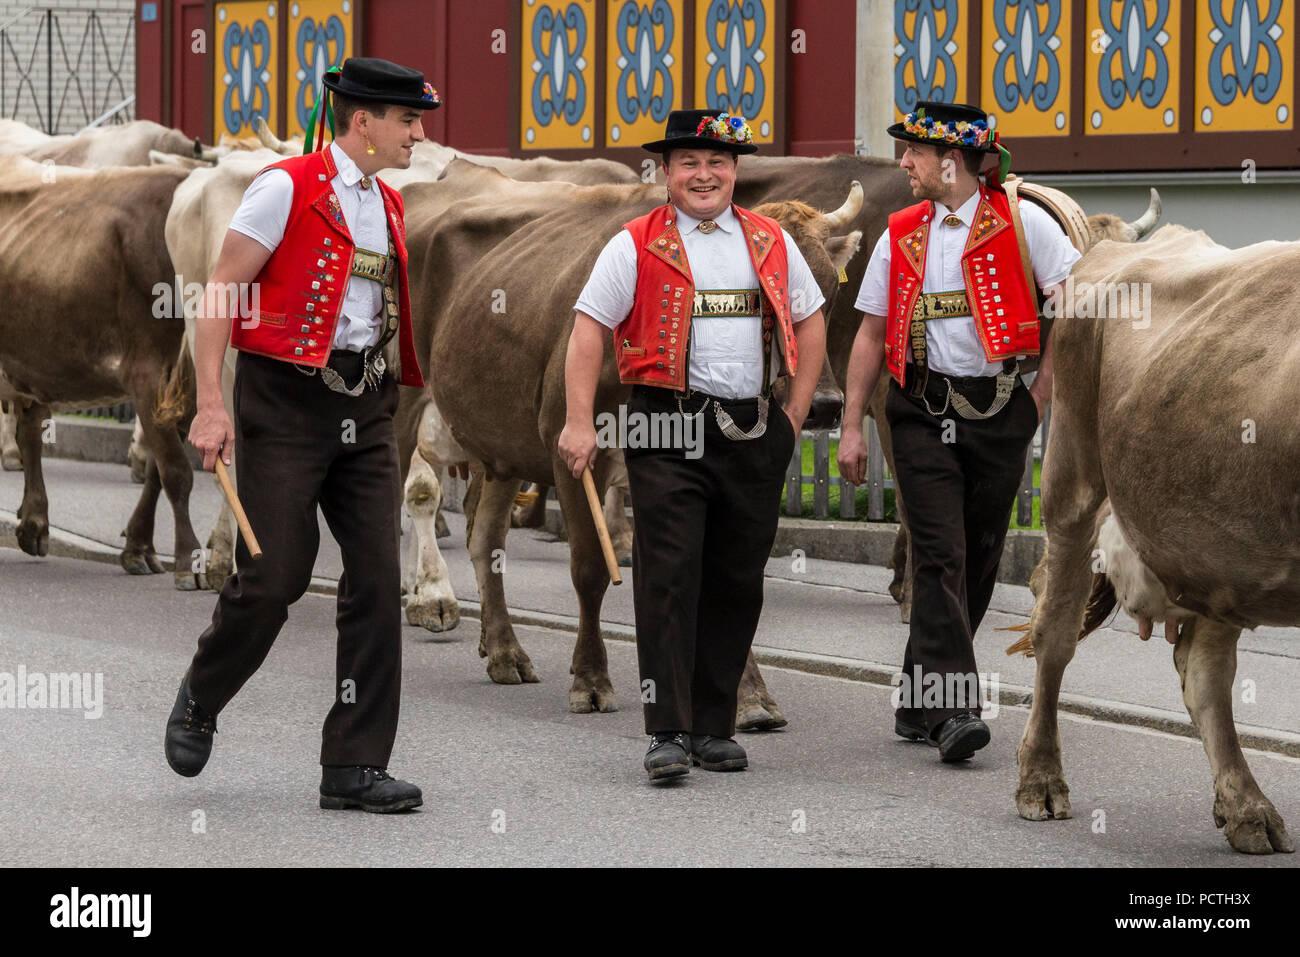 Herde Rinder- und Bergbauern während Alpabzug in Urnäsch, Appenzeller Land, Kanton Appenzell Ausserrhoden, Schweiz Stockbild